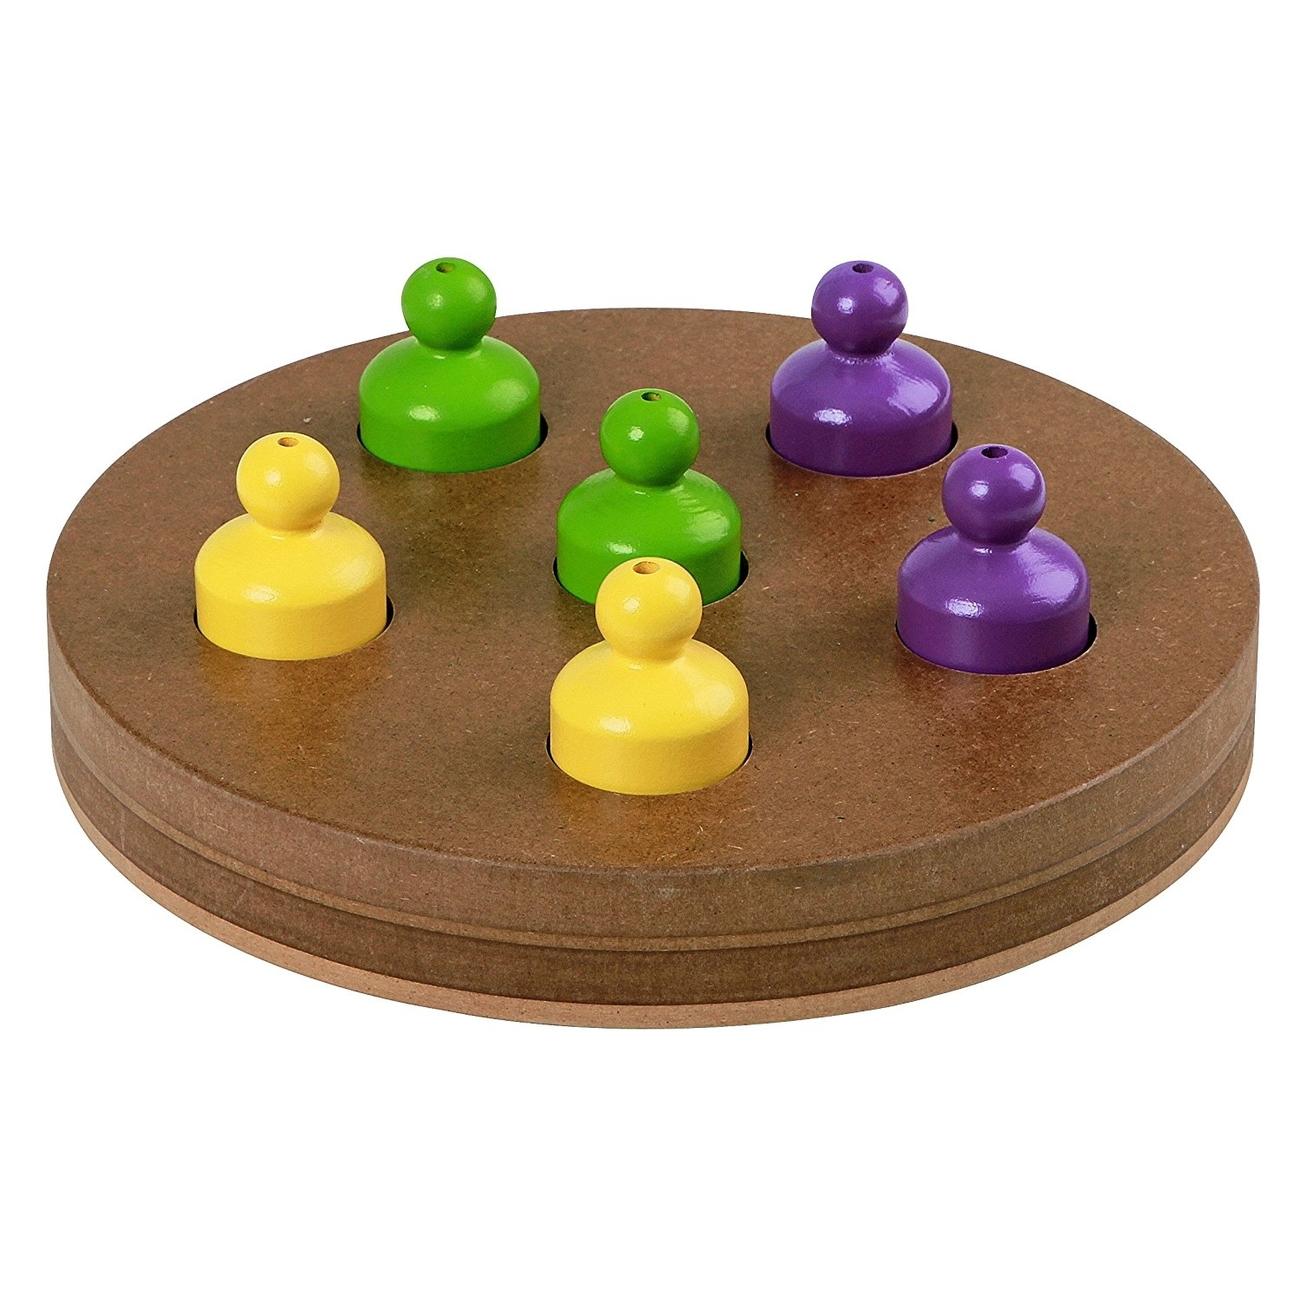 Kerbl Hunde Denkspielzeug Lernspielzeug DUO, Ø24,7cm x 3,5cm